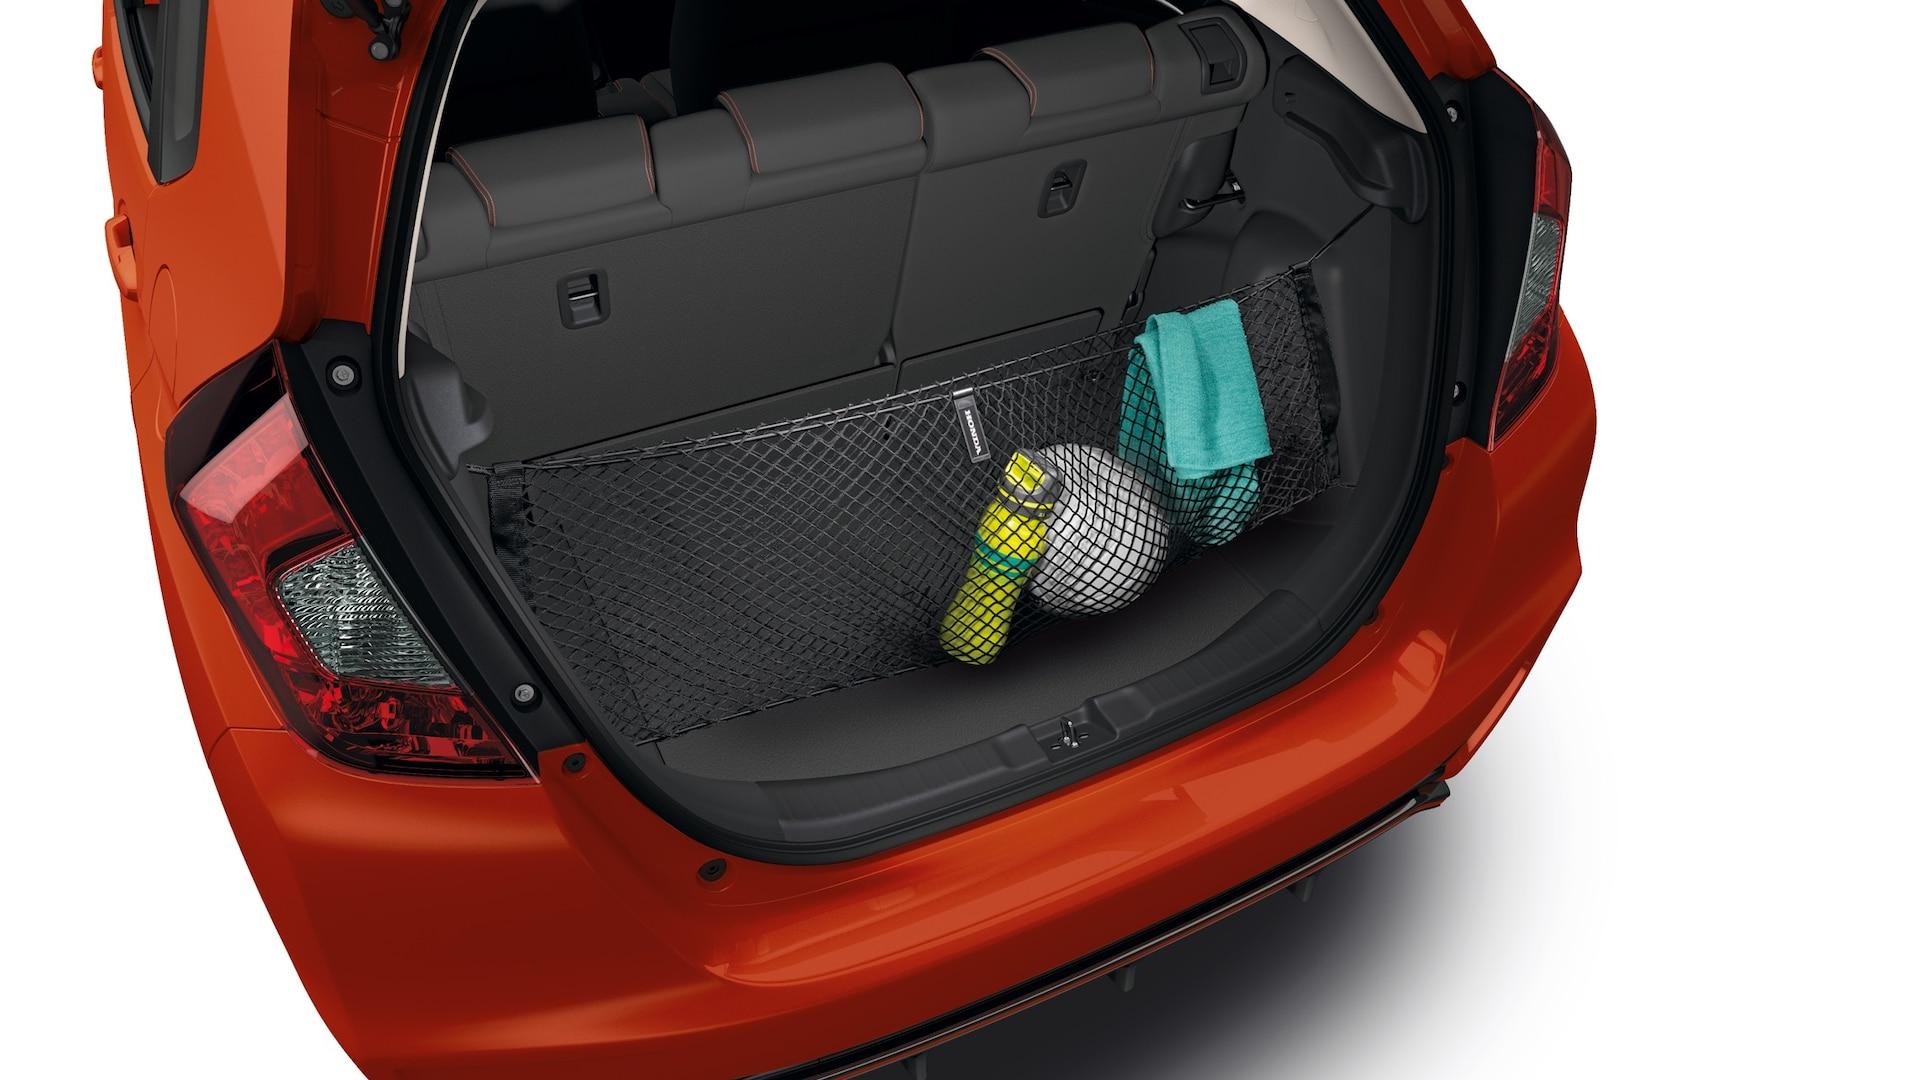 Vista interior trasera del detalle de la red para carga en el Honda Fit2020.